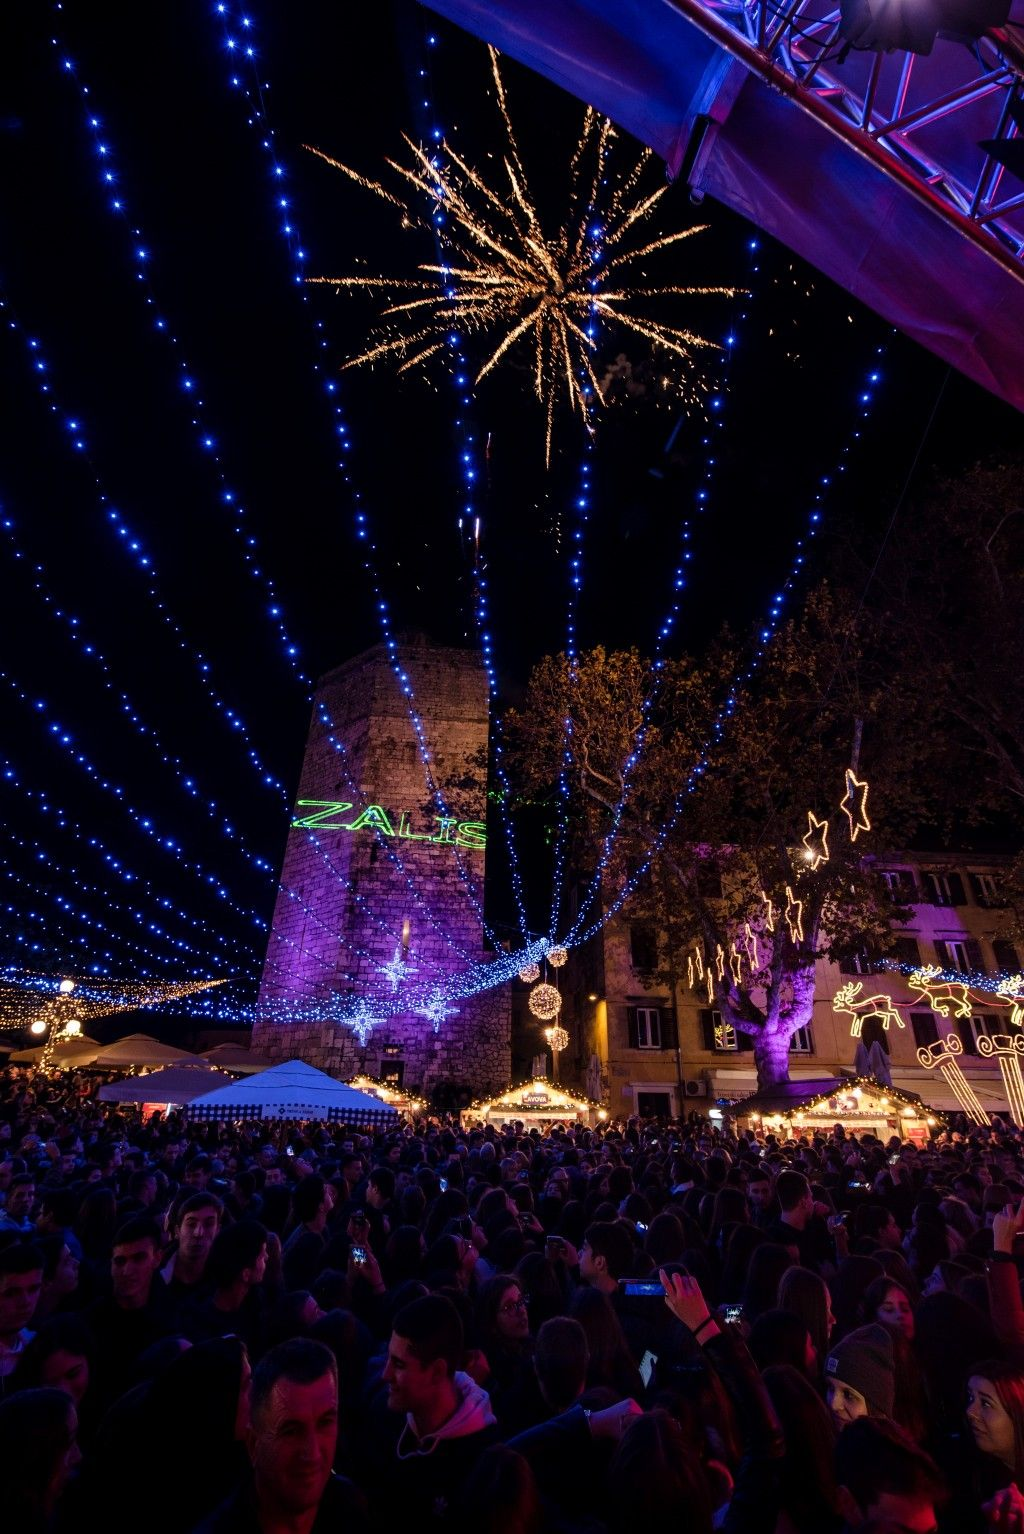 003 Advent u Zadru otvaranje Prljavo kazalište 23.11.2019, foto Iva Perinčić 40 (1)-1024x1534